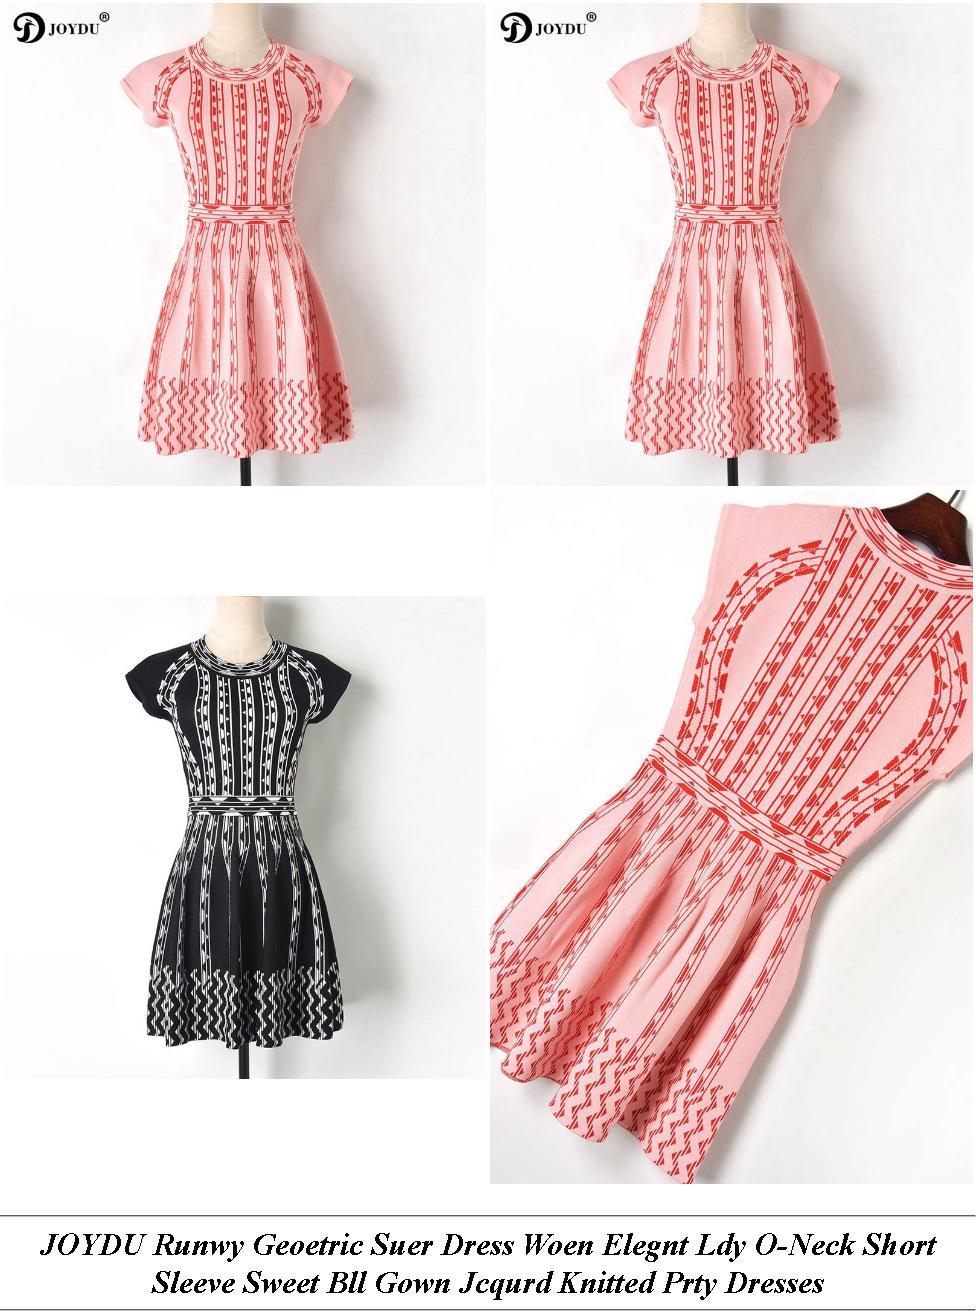 Plus Size Dresses - Topshop Sale - Dress For Women - Cheap Womens Clothes